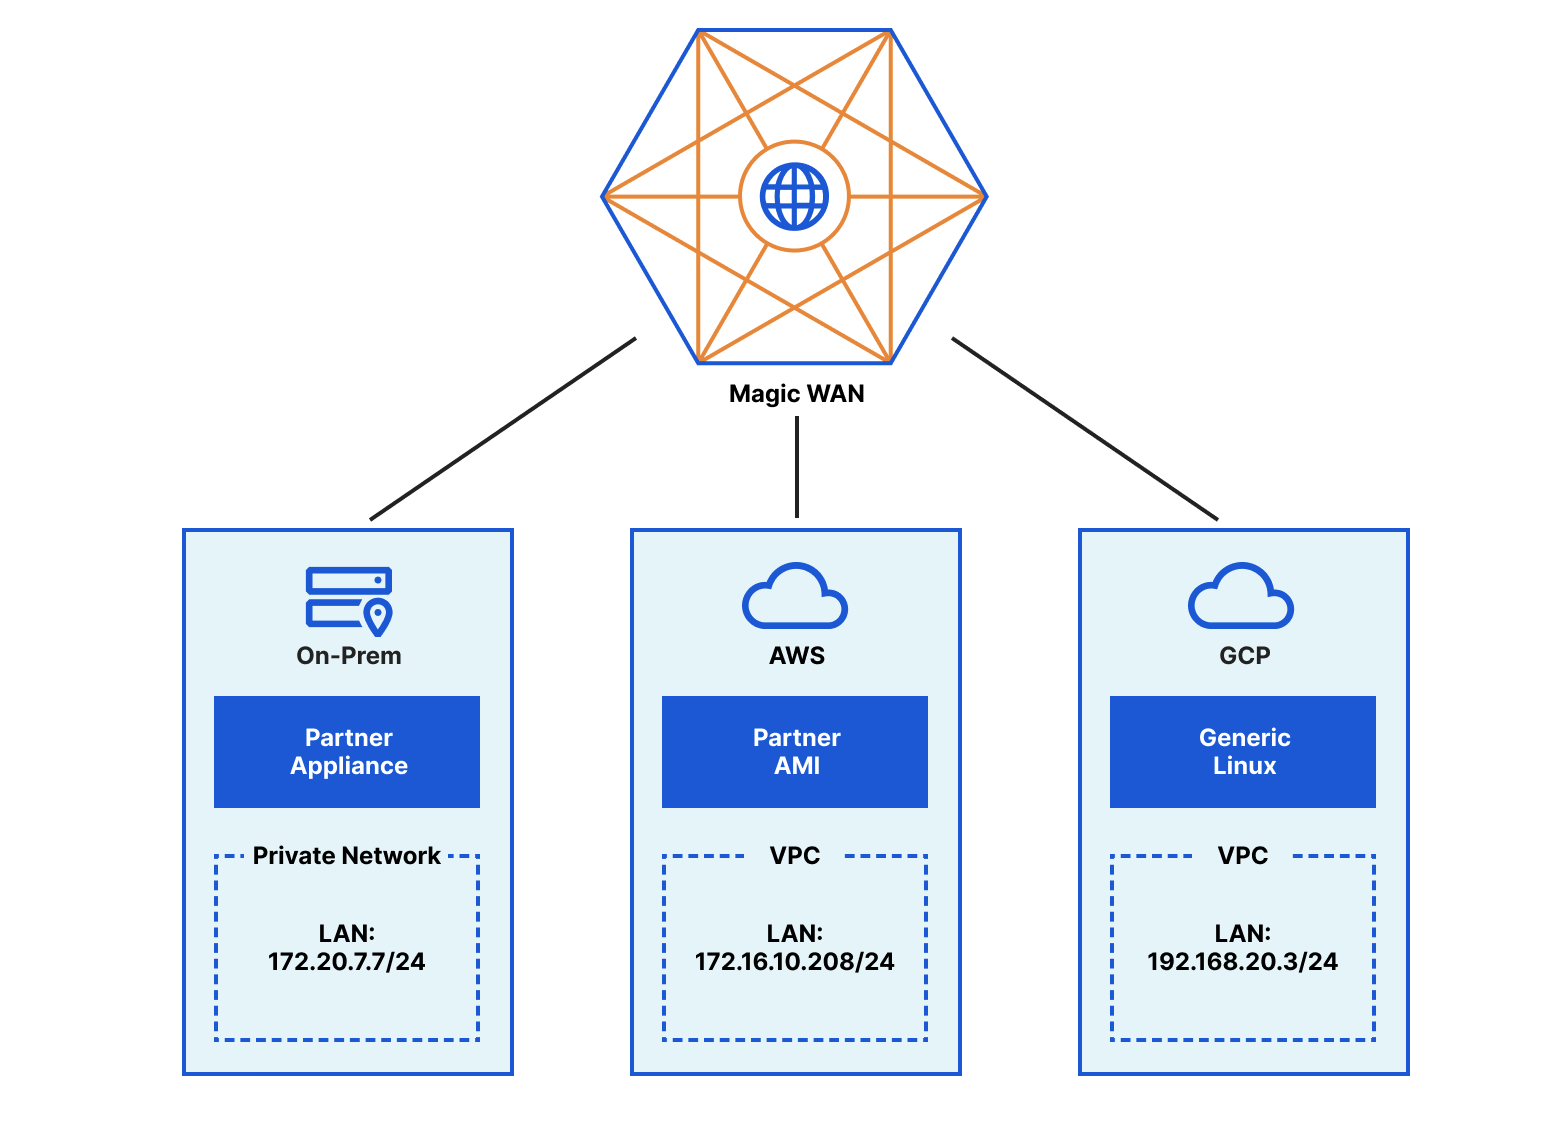 、合作夥伴虛擬 AMI 和通用 Linux 路由器的 3 個網路,透過最近的 Cloudflare 資料中心連線到 Cloudflare Magic WAN。